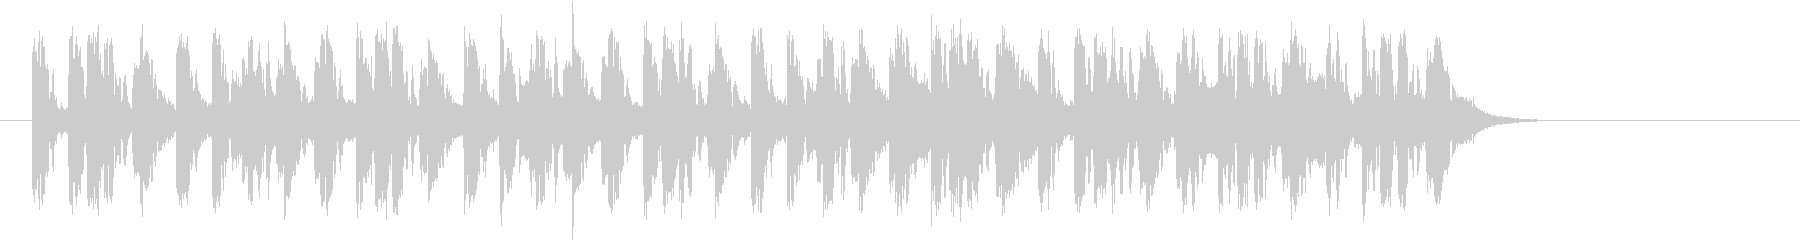 アンニュイでクールなEDMのジングルの未再生の波形